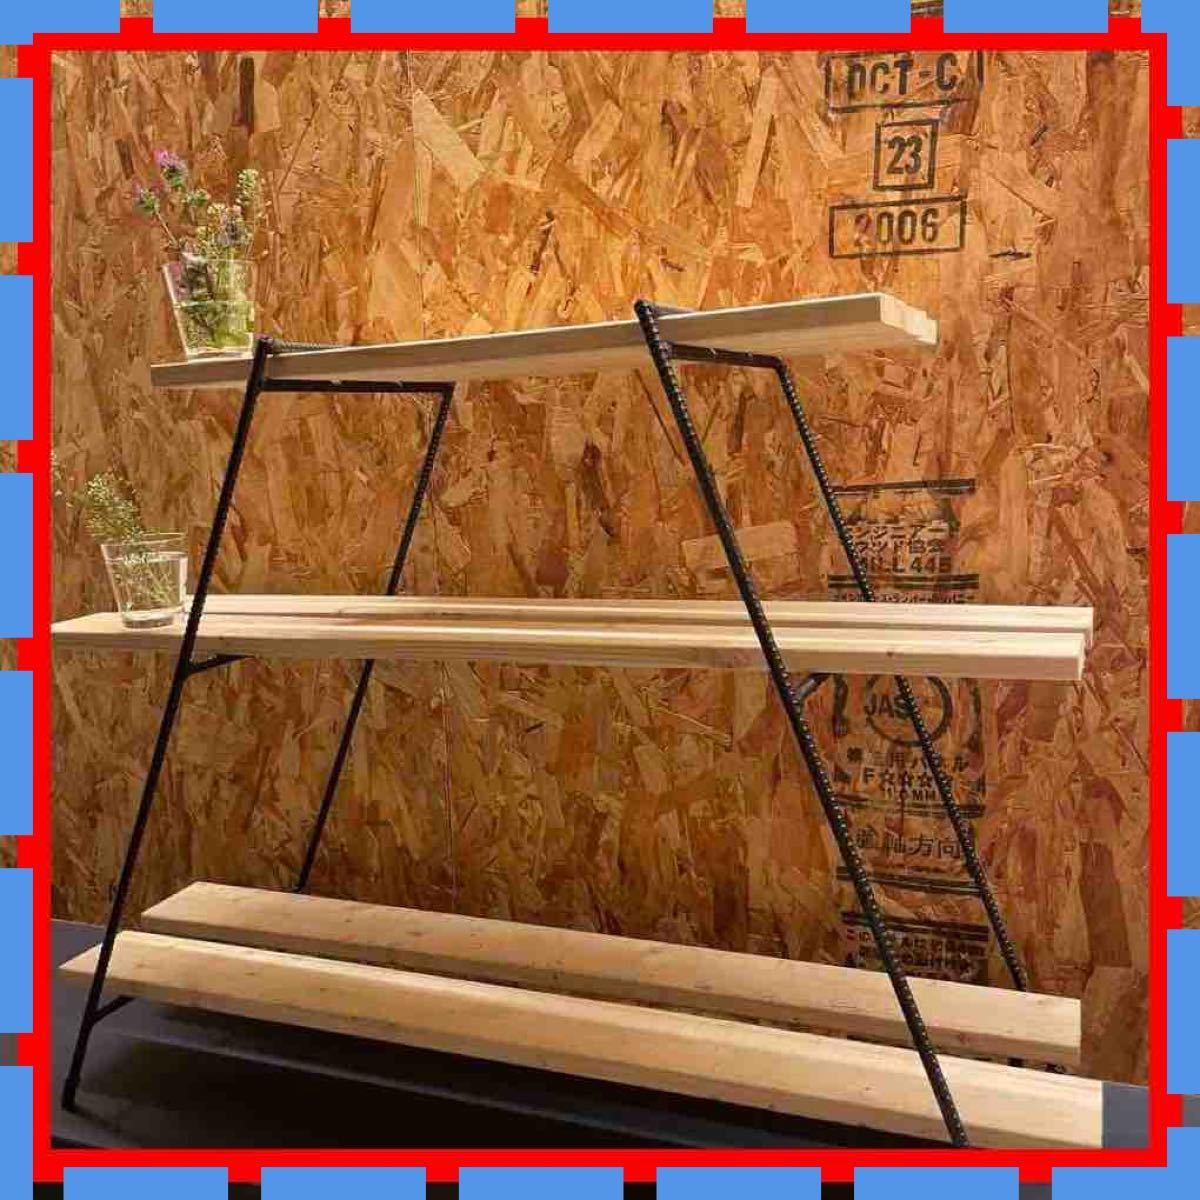 120 アイアンラック アイアンテーブル アイアンシェルフ キャンプ 鉄脚 作業台 アウトドア 店舗什器 アイアンシェルフ棚